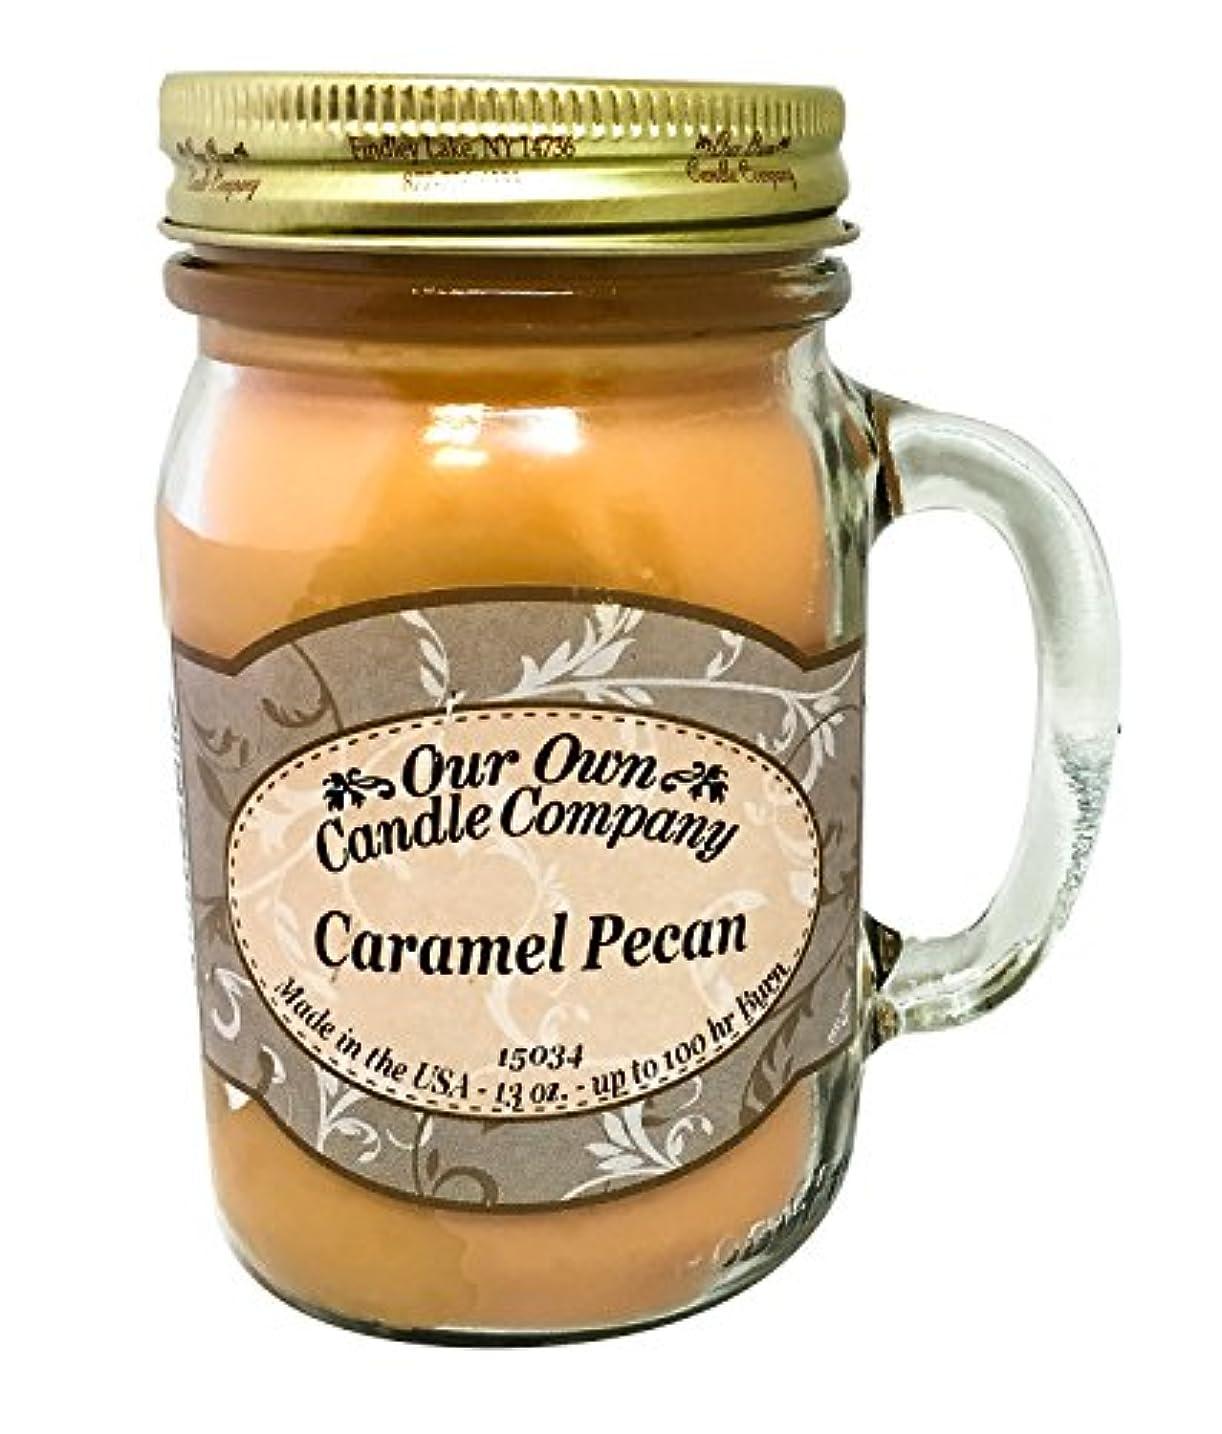 量送った欠如アロマキャンドル メイソンジャー キャラメルピーカン ビッグ Our Own Candle Company Caramel Pecan big